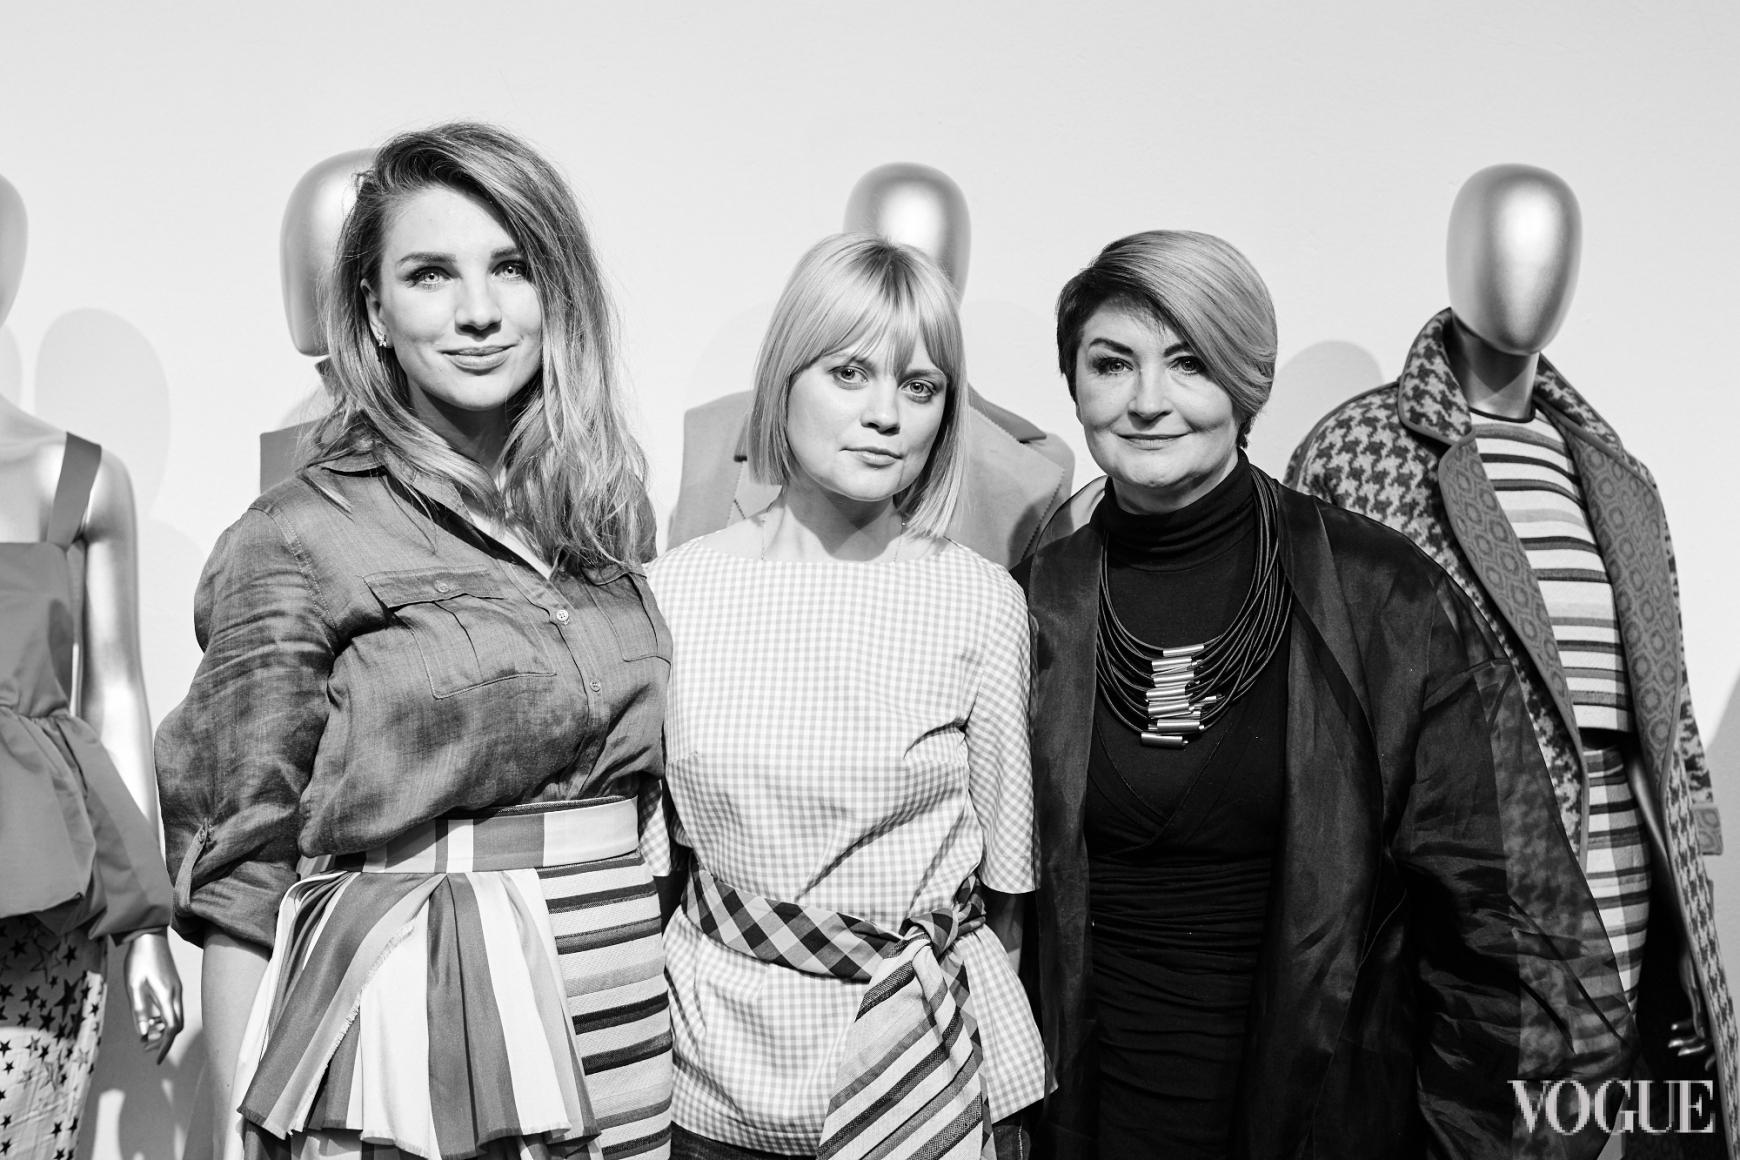 Катя Сильченко, Ксения Киреева и Ирина Данилевская